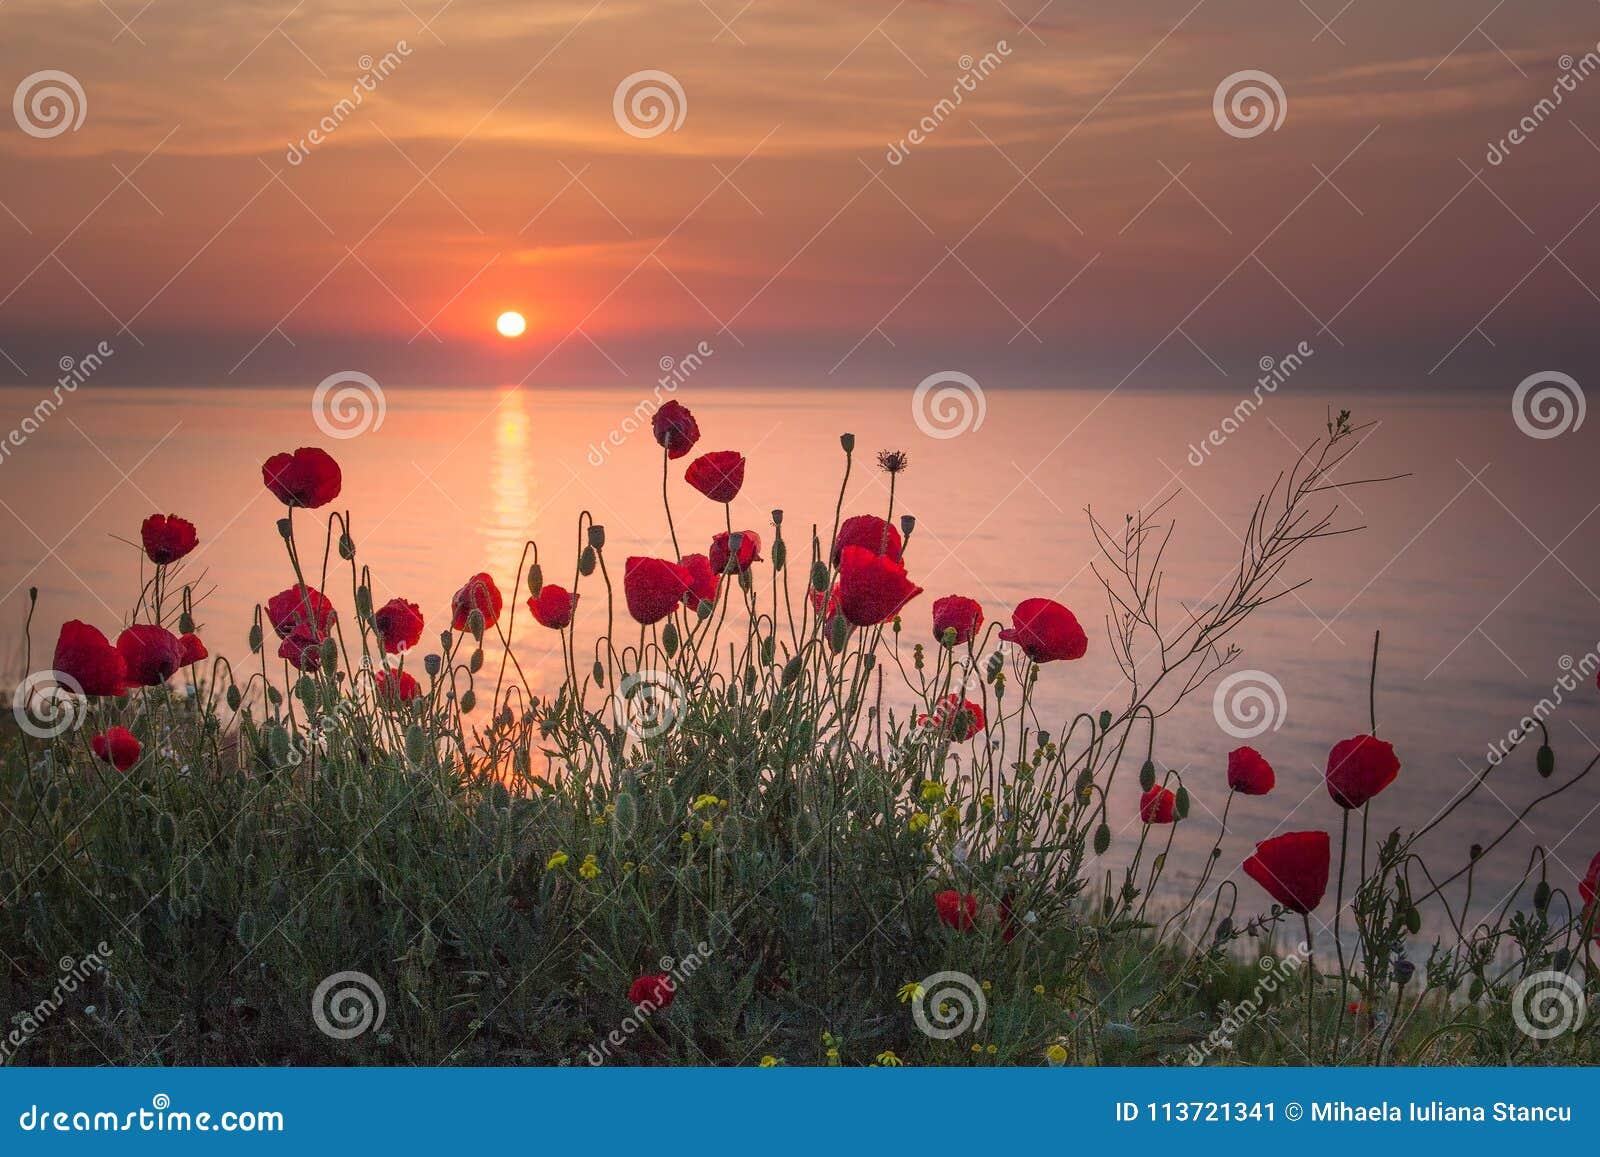 Schönes Feld von roten Mohnblumen im Sonnenaufgang nahe dem Meer